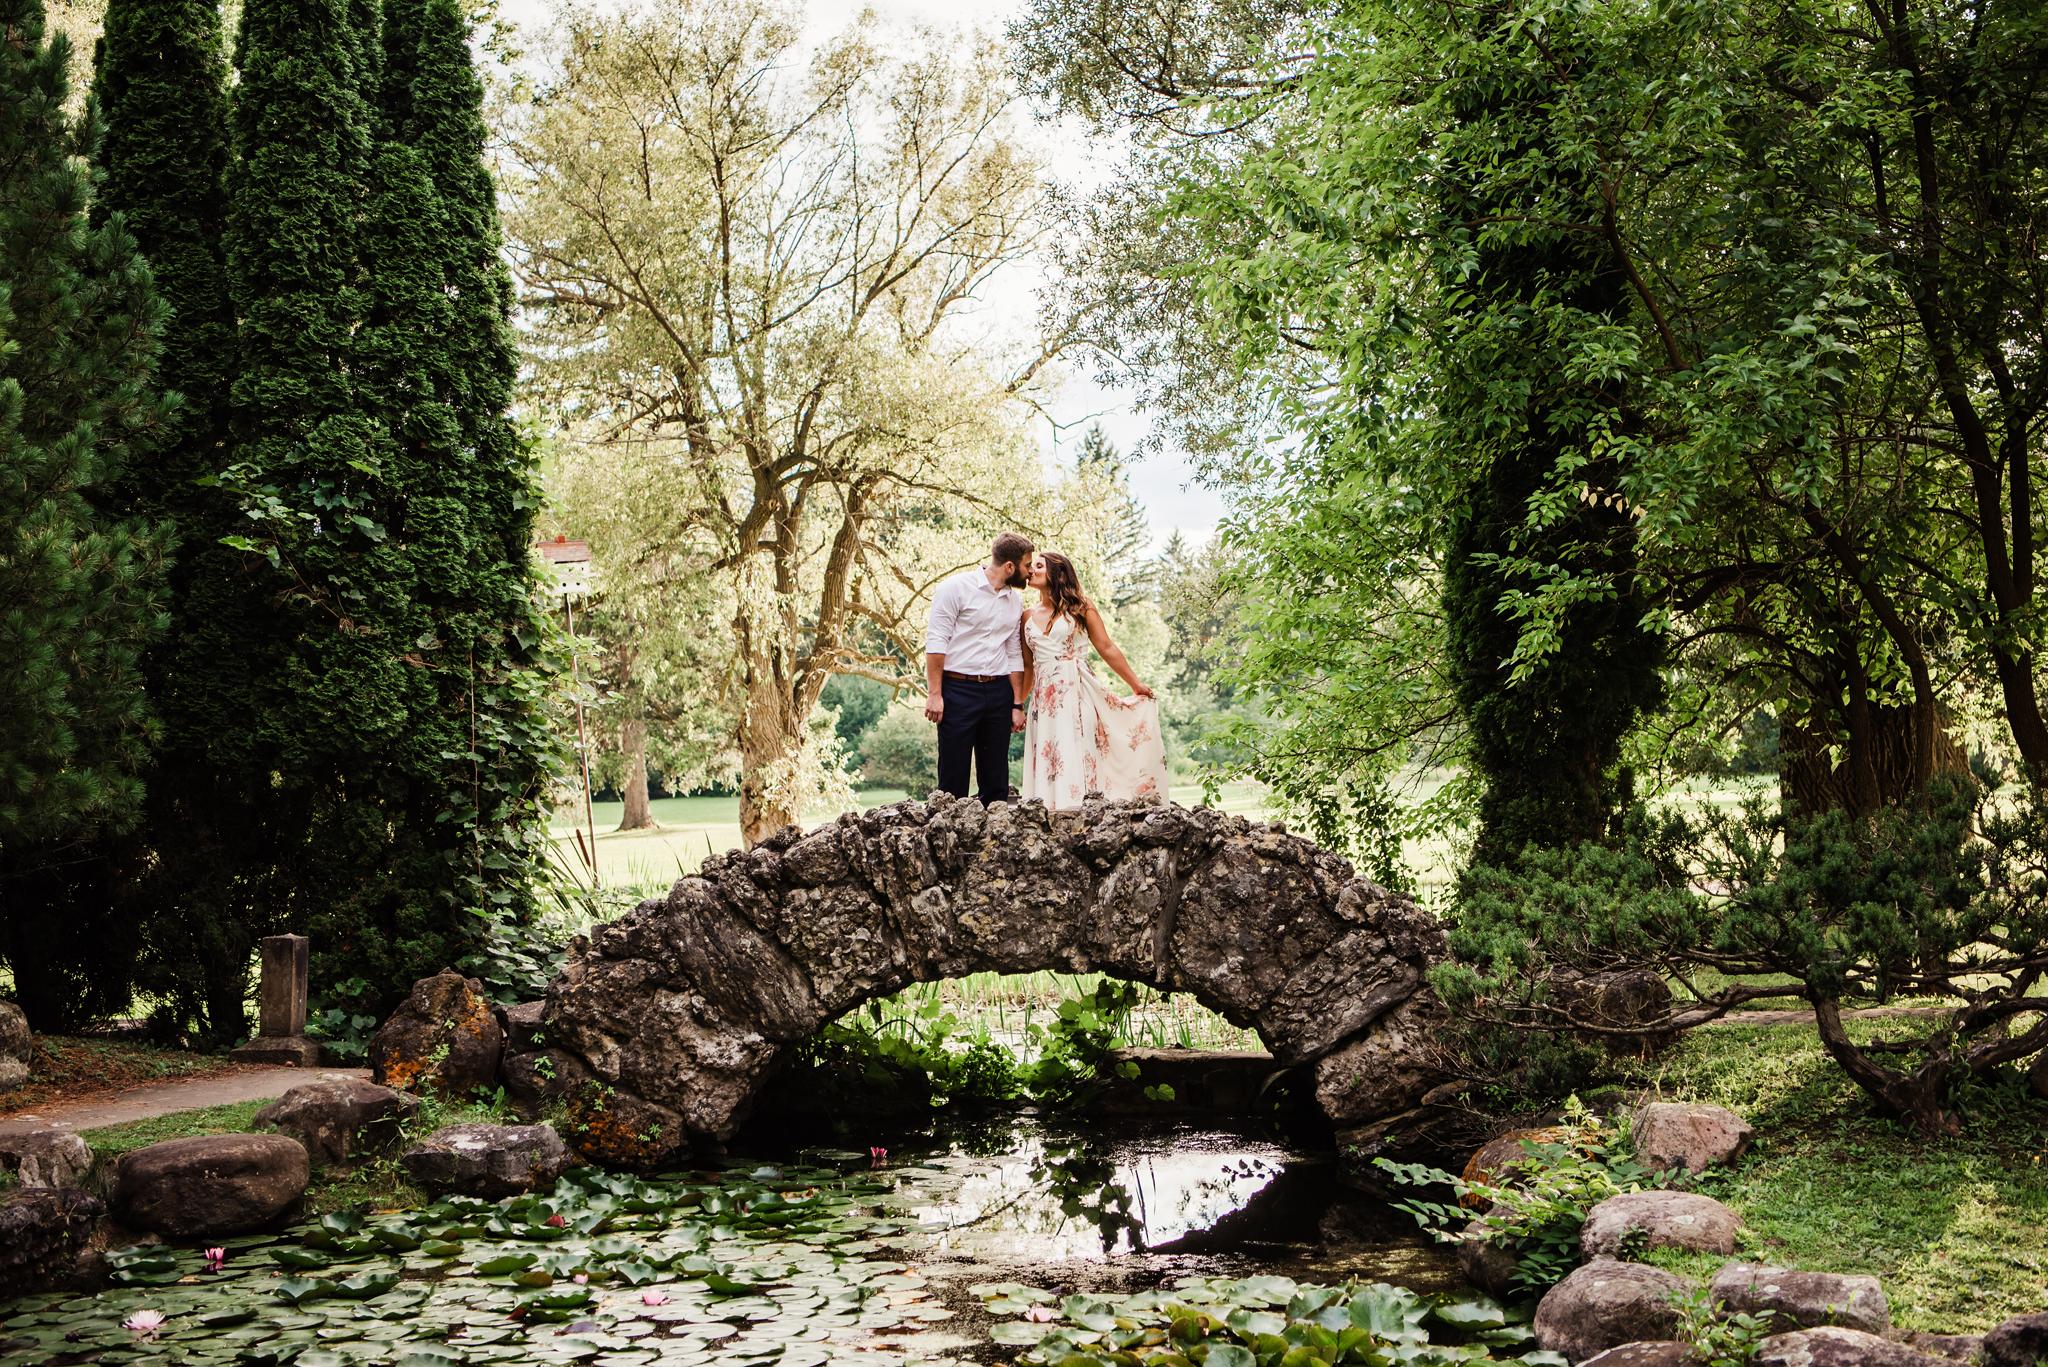 Sonnenberg_Gardens_Finger_Lakes_Engagement_Session_JILL_STUDIO_Rochester_NY_Photographer_DSC_1819.jpg